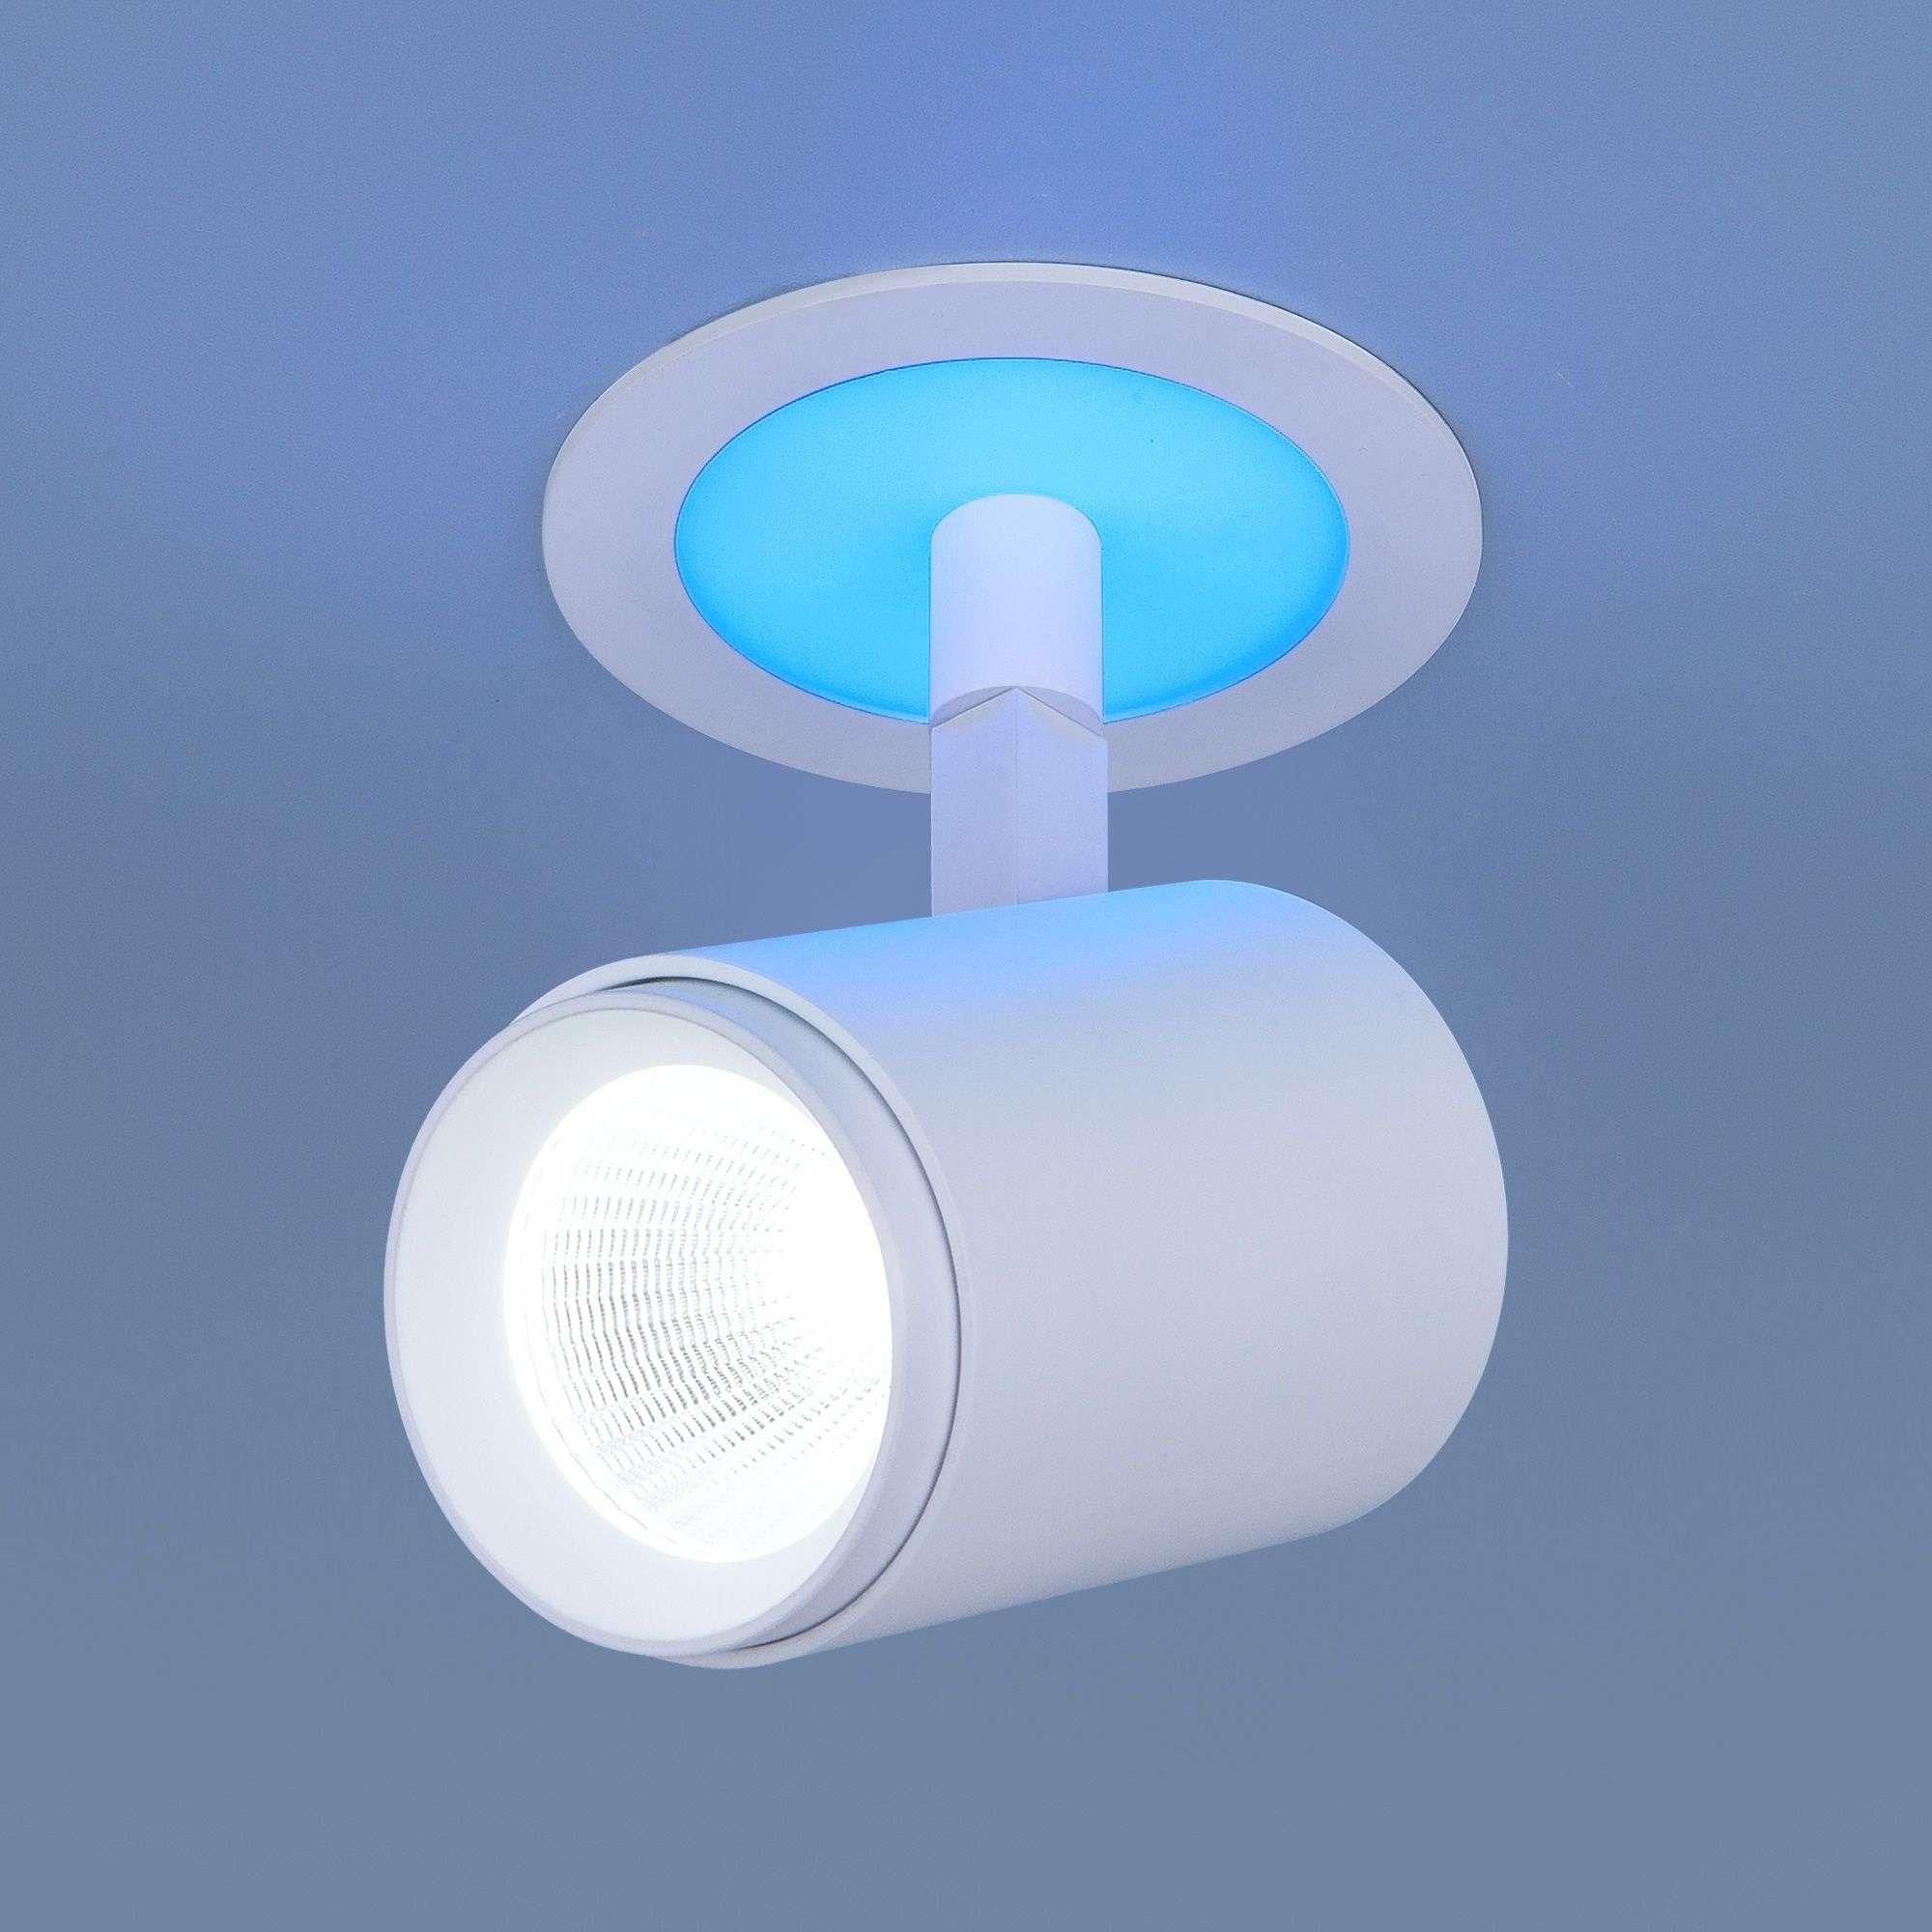 Акцентный светодиодный светильник DSR002 9W 6500K Blue